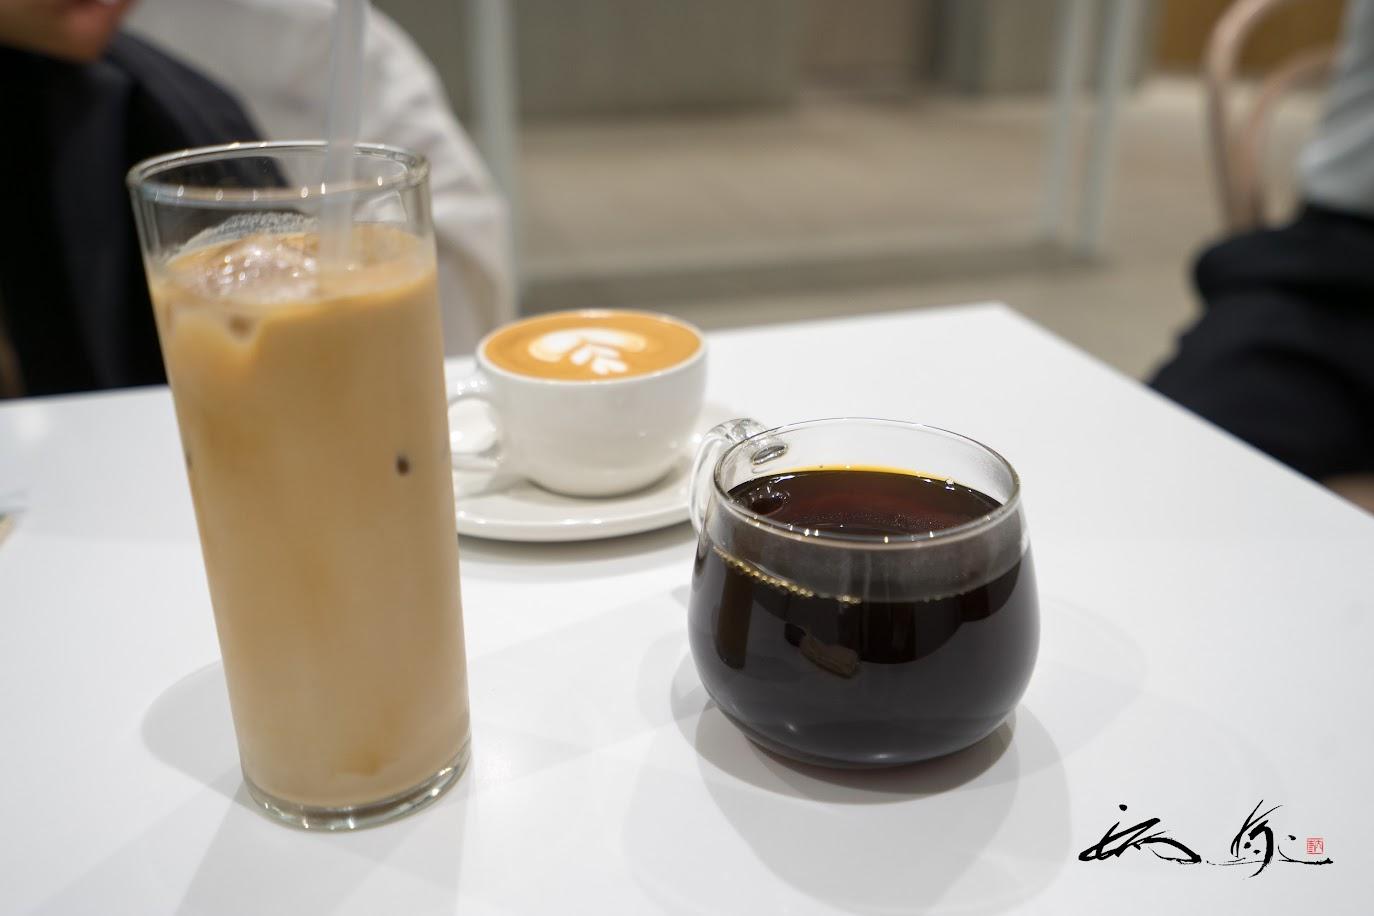 シングルオリジン、アイスコーヒー、カプチーノ。。。